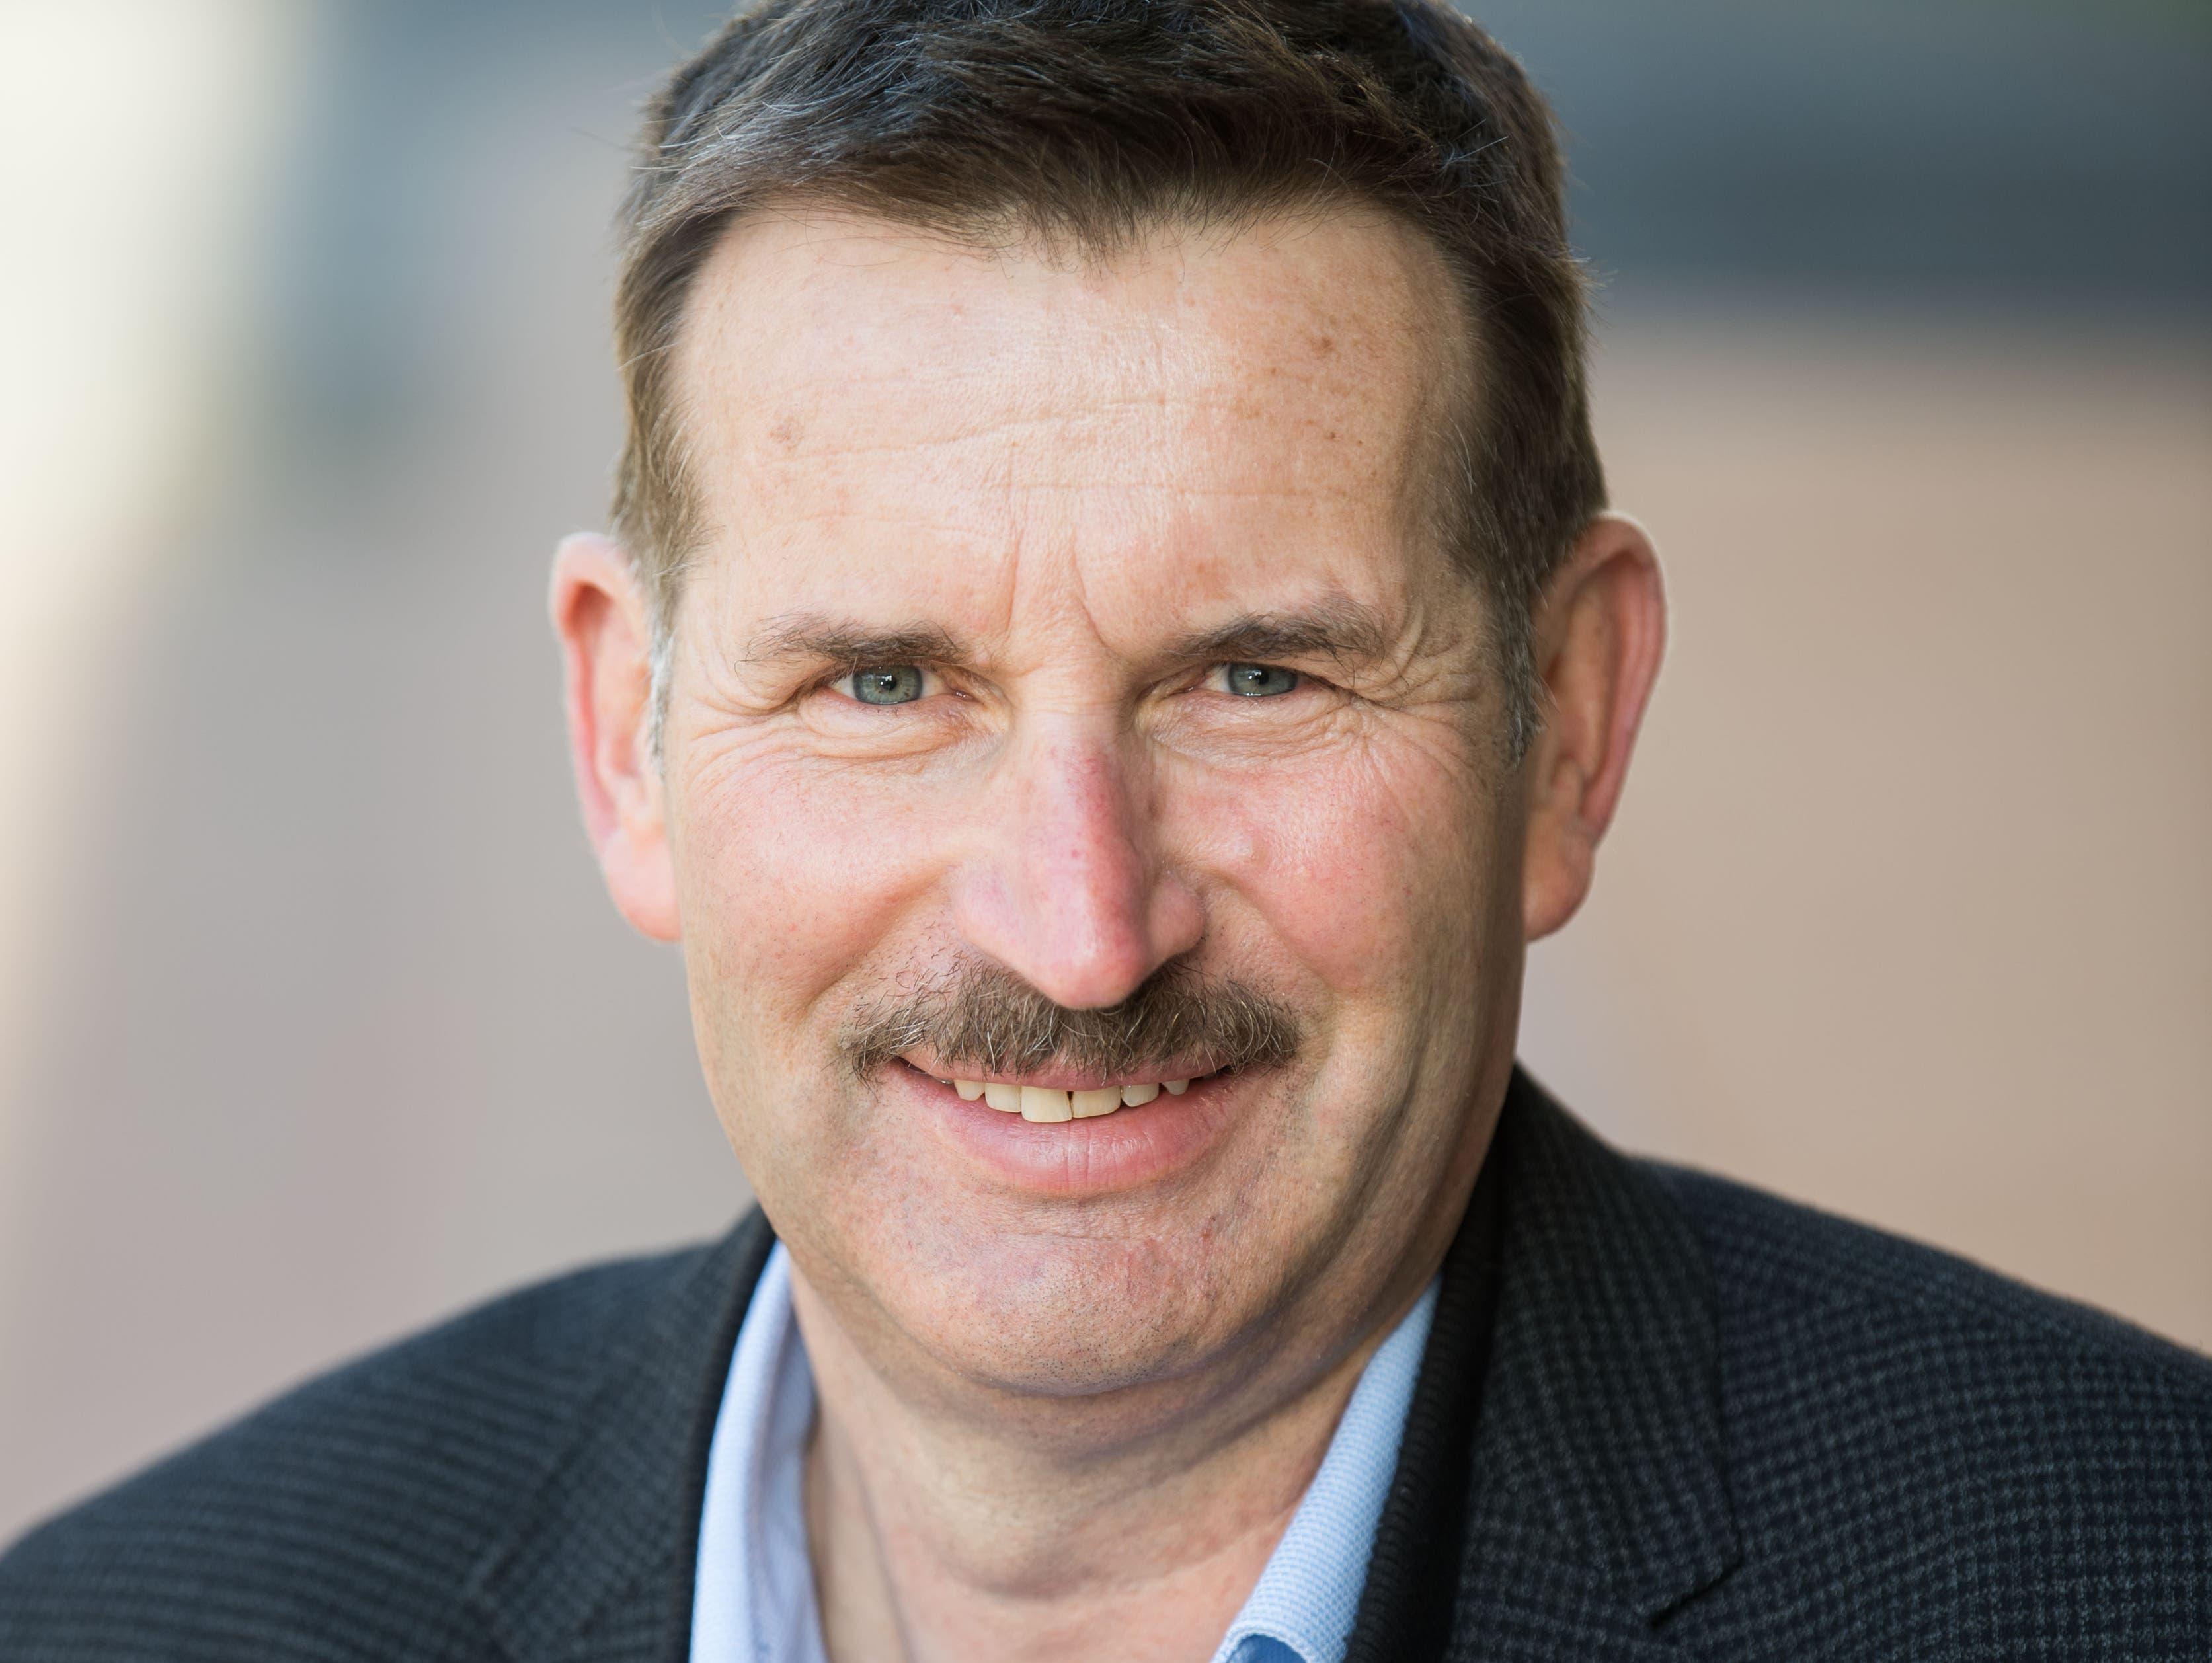 Gewählt mit 2'309 Stimmen: Josef Schmidli, CVP (bisher)